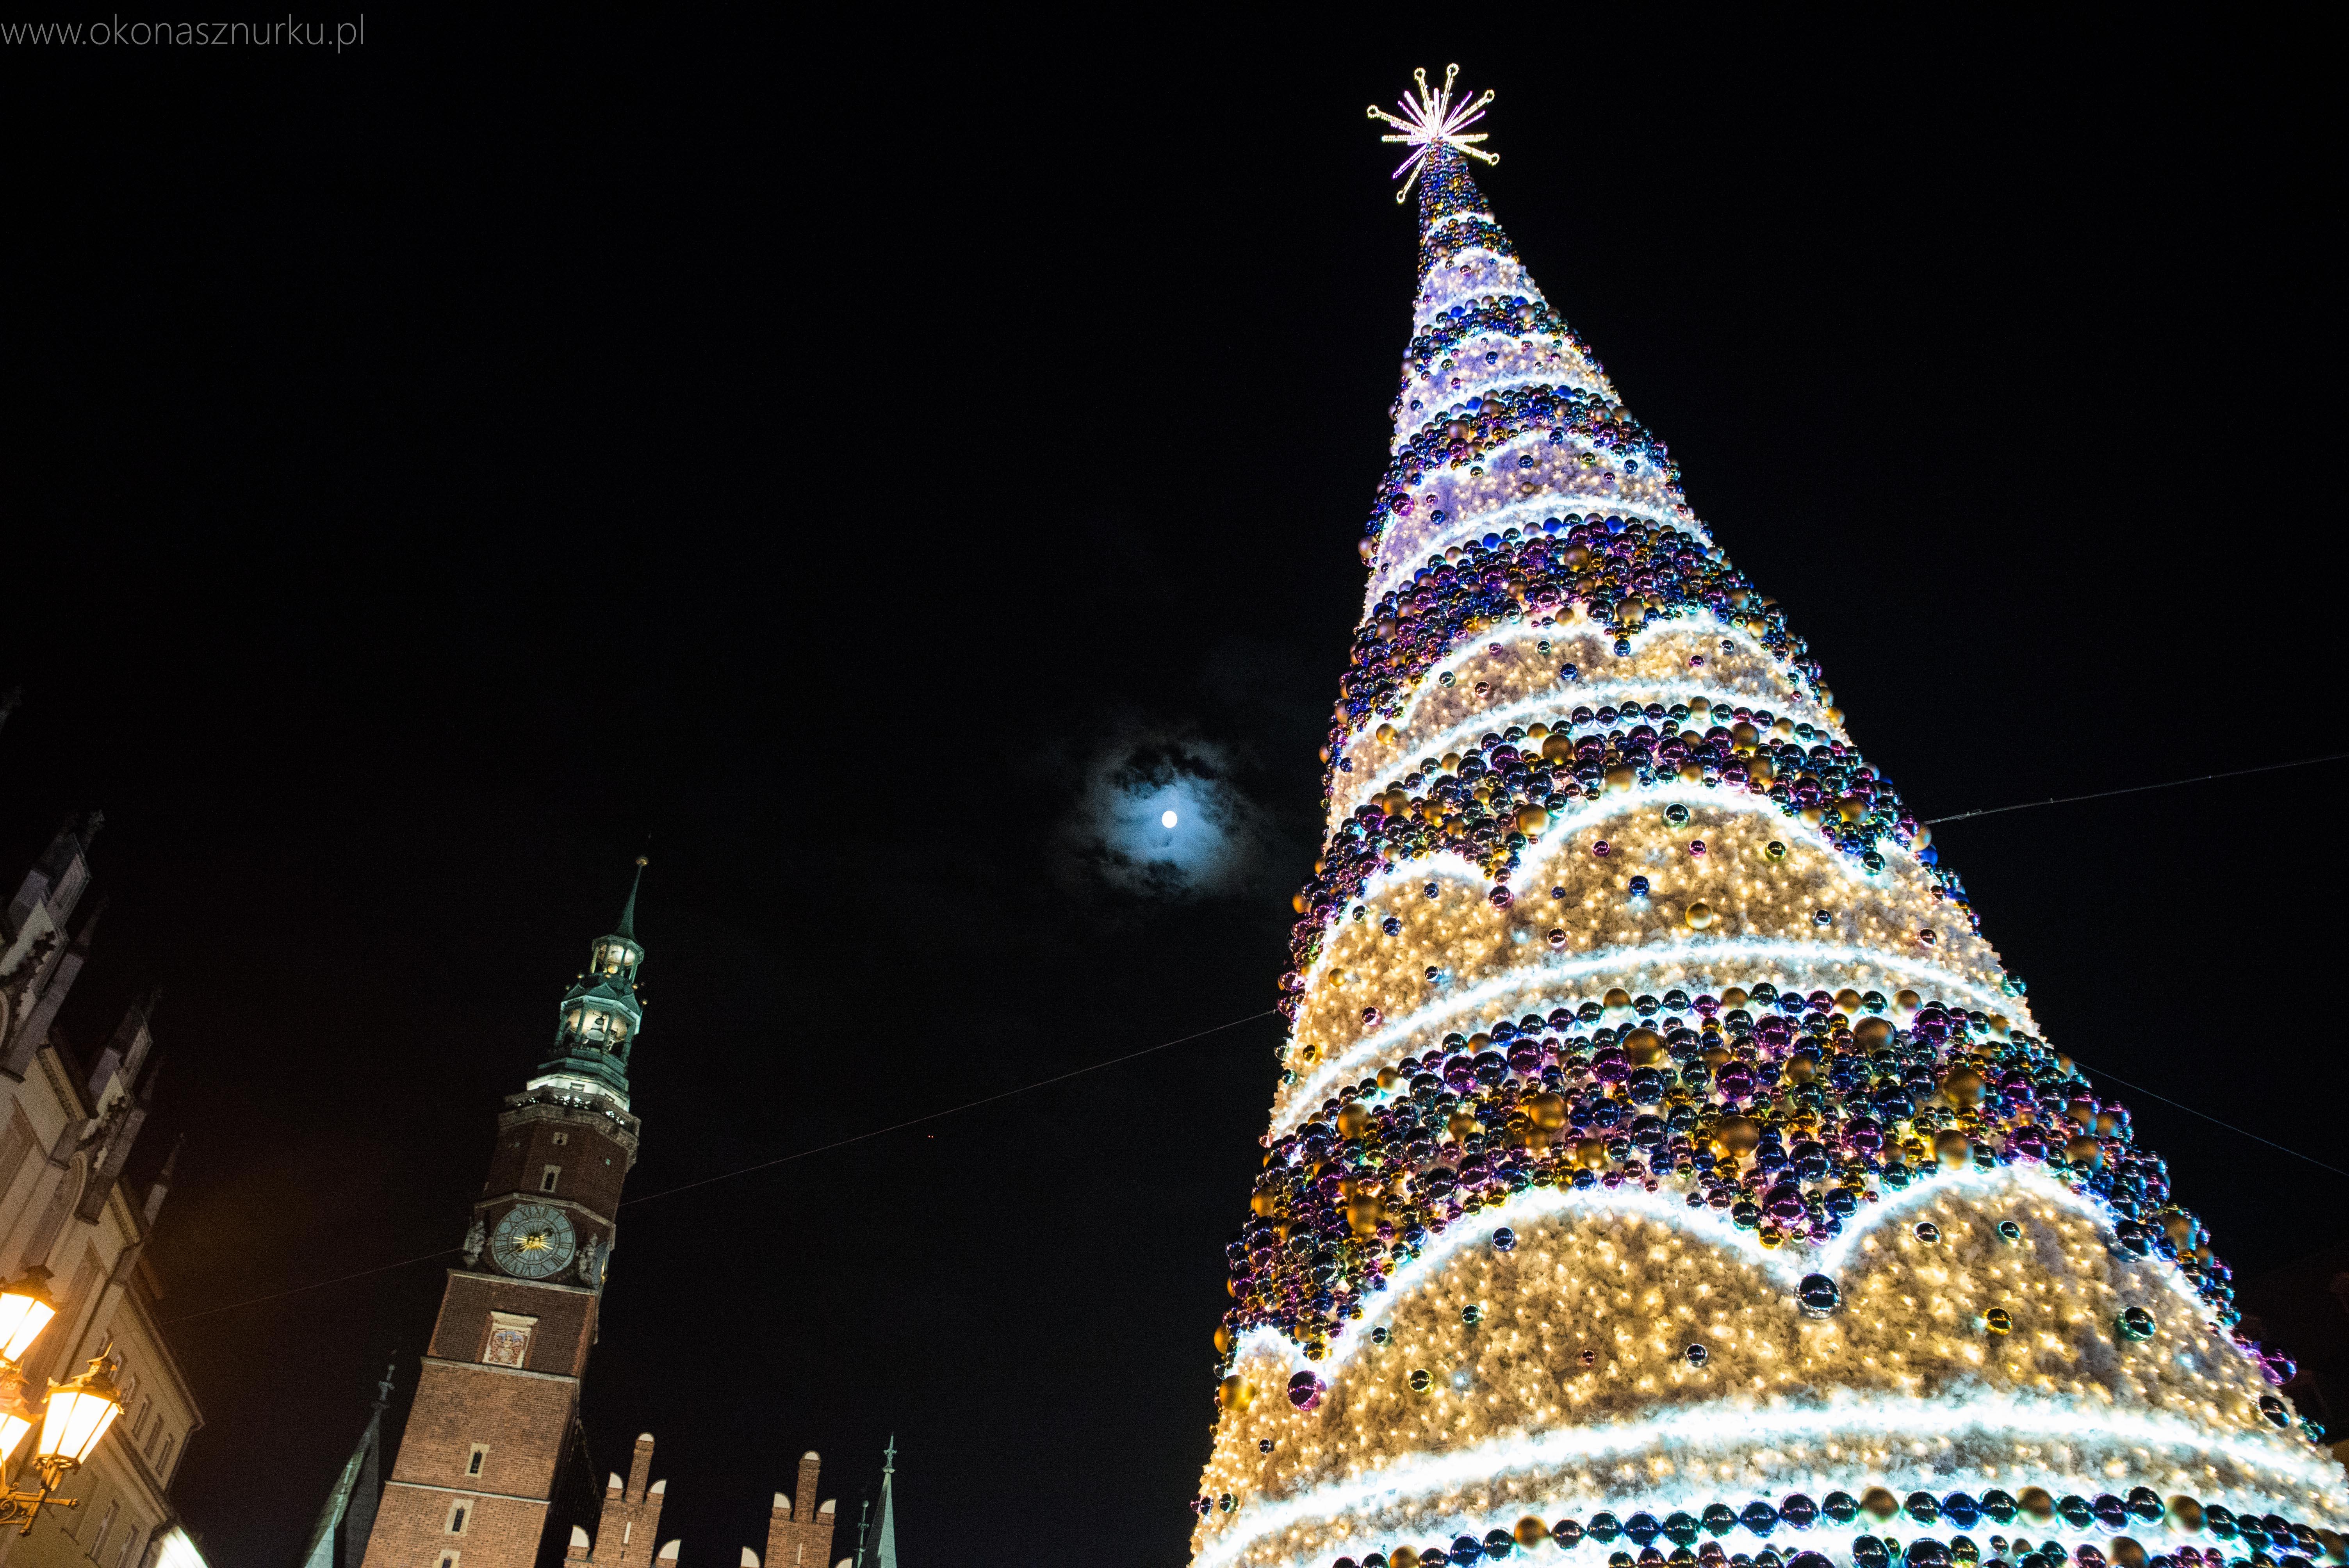 jarmark-bozonarodzeniowy-christmas-market-wroclaw (22)